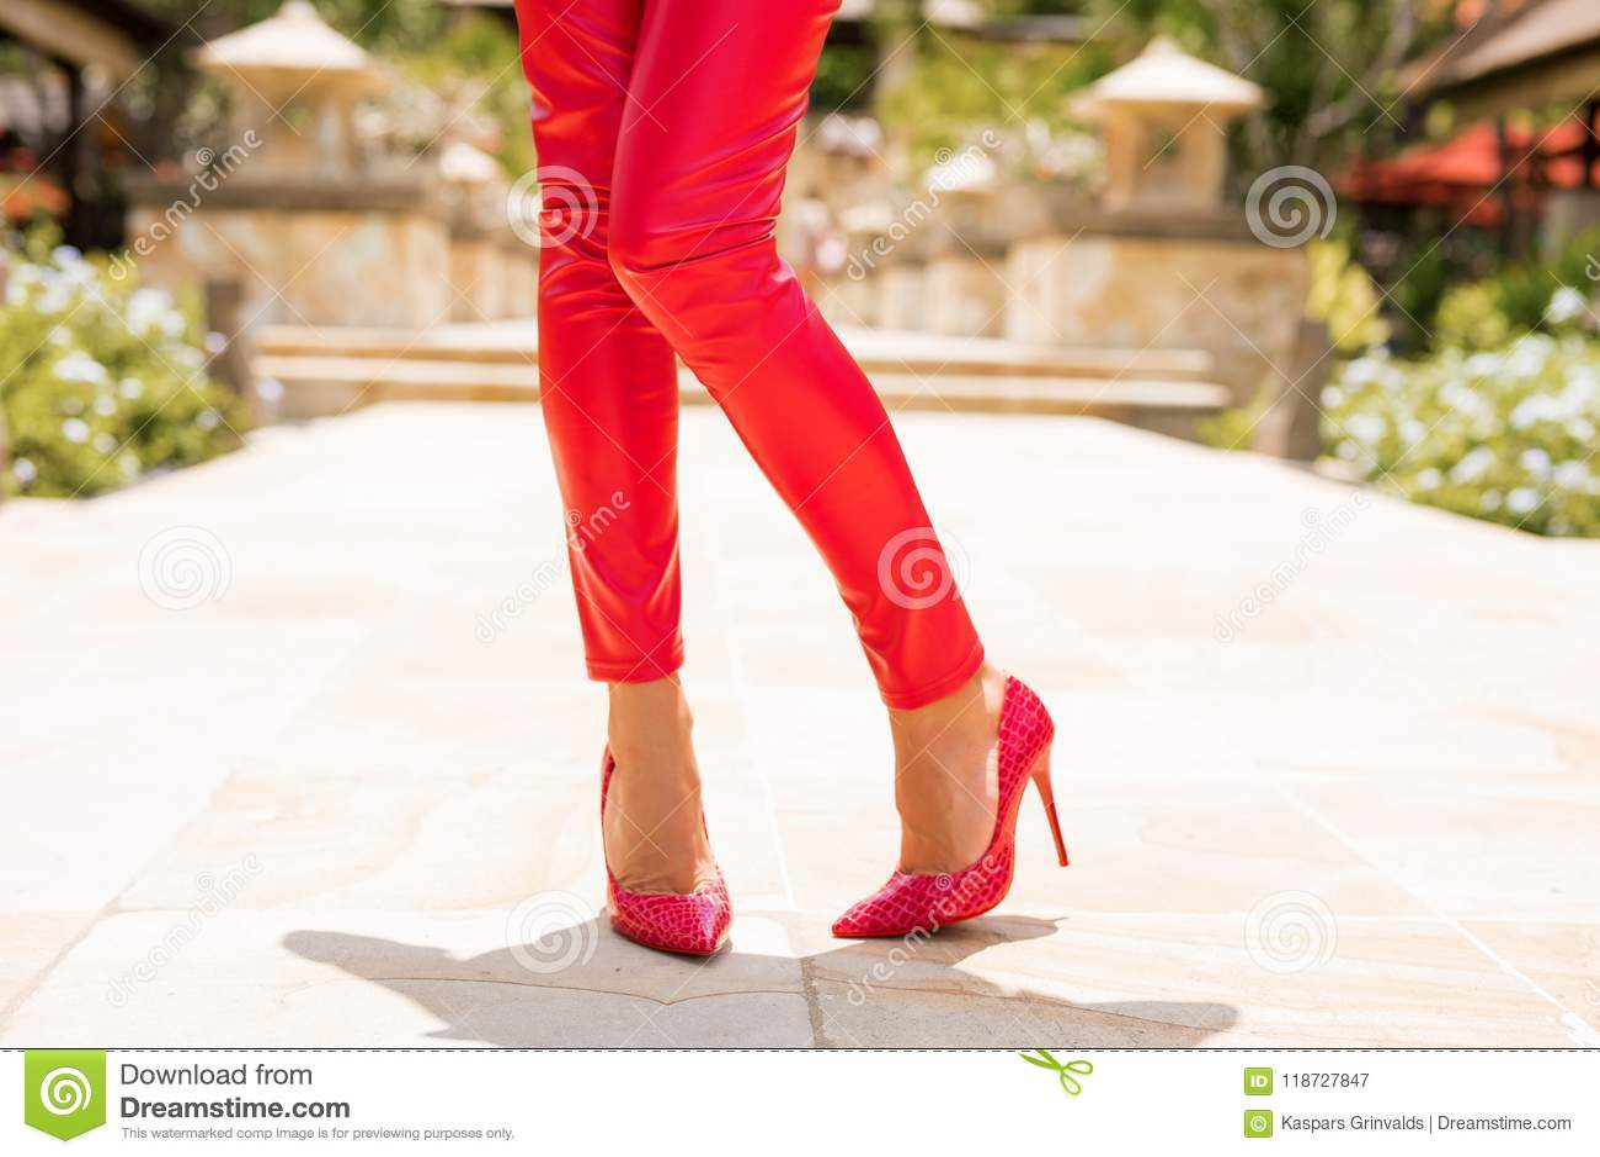 佩带红色裤子和高跟鞋的妇女